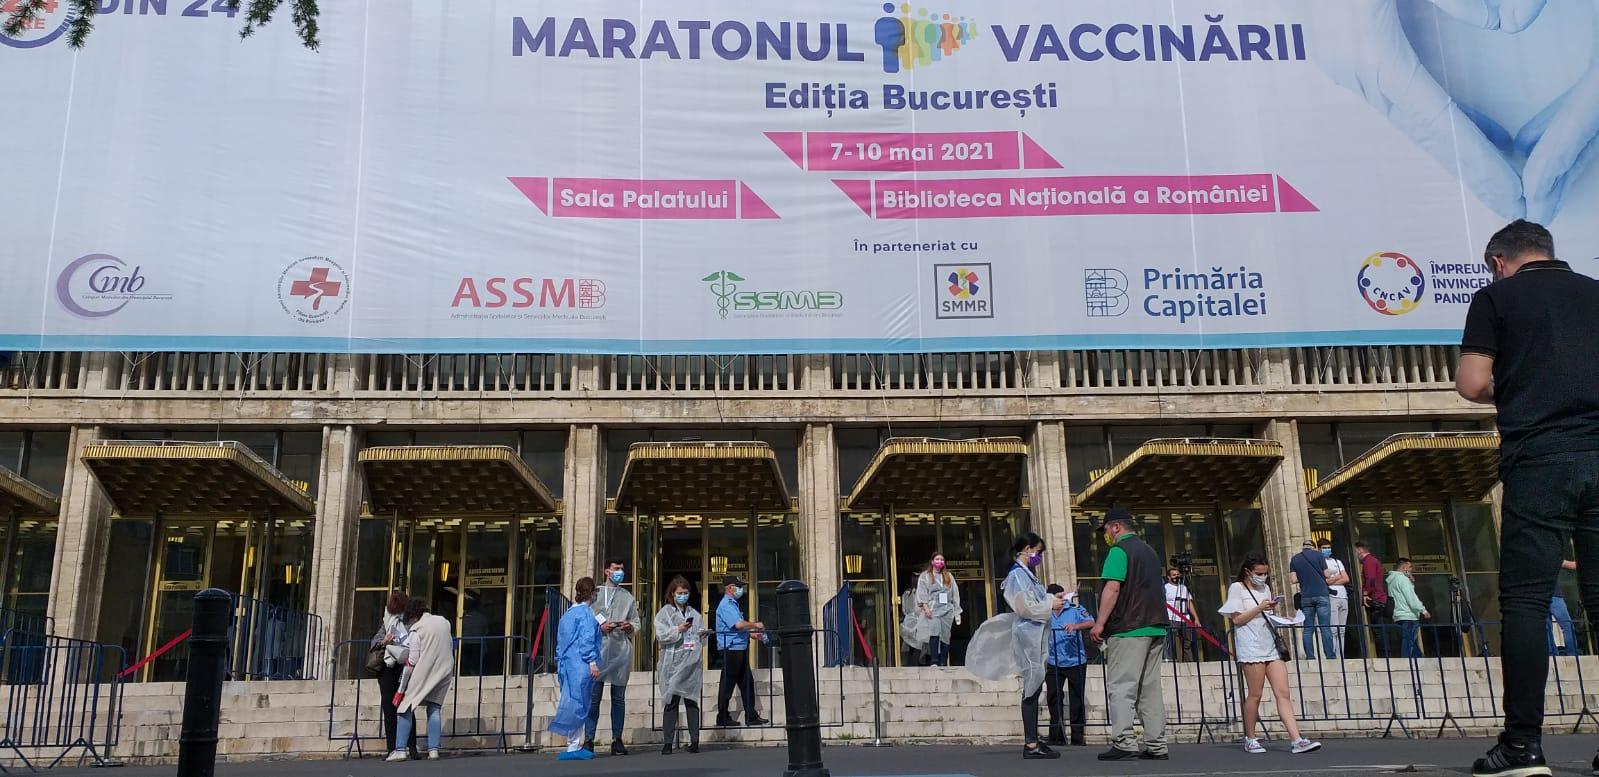 9 persoane vaccinate pe minut la maratonul vaccinării din București